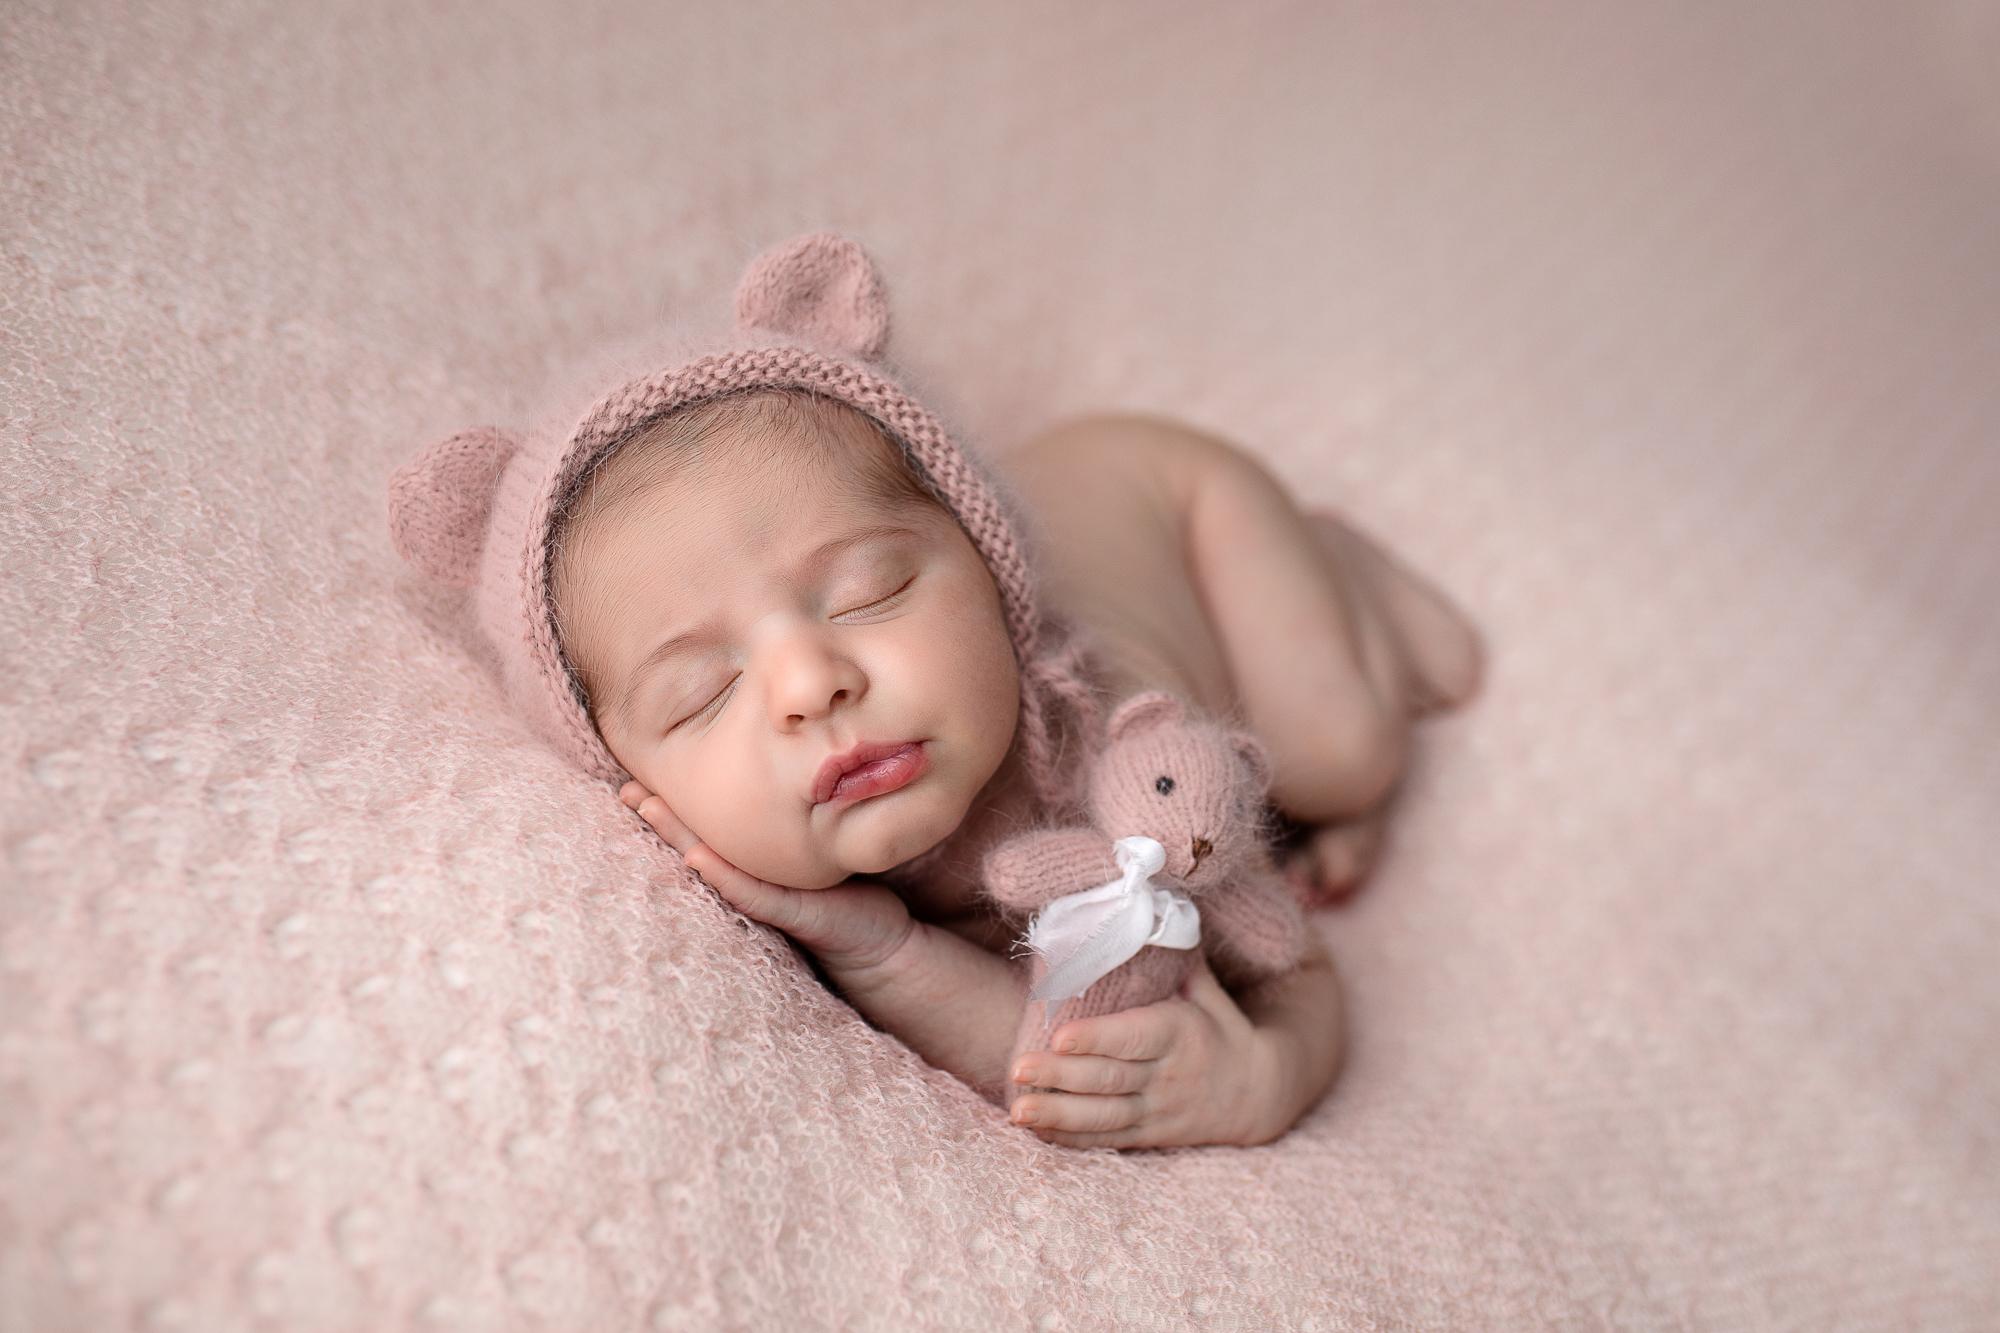 Contate Cecilia Koloszuk Photography - Fotógrafa de newborn, bebês, gestantes em Alphaville - Barueri - São Paulo